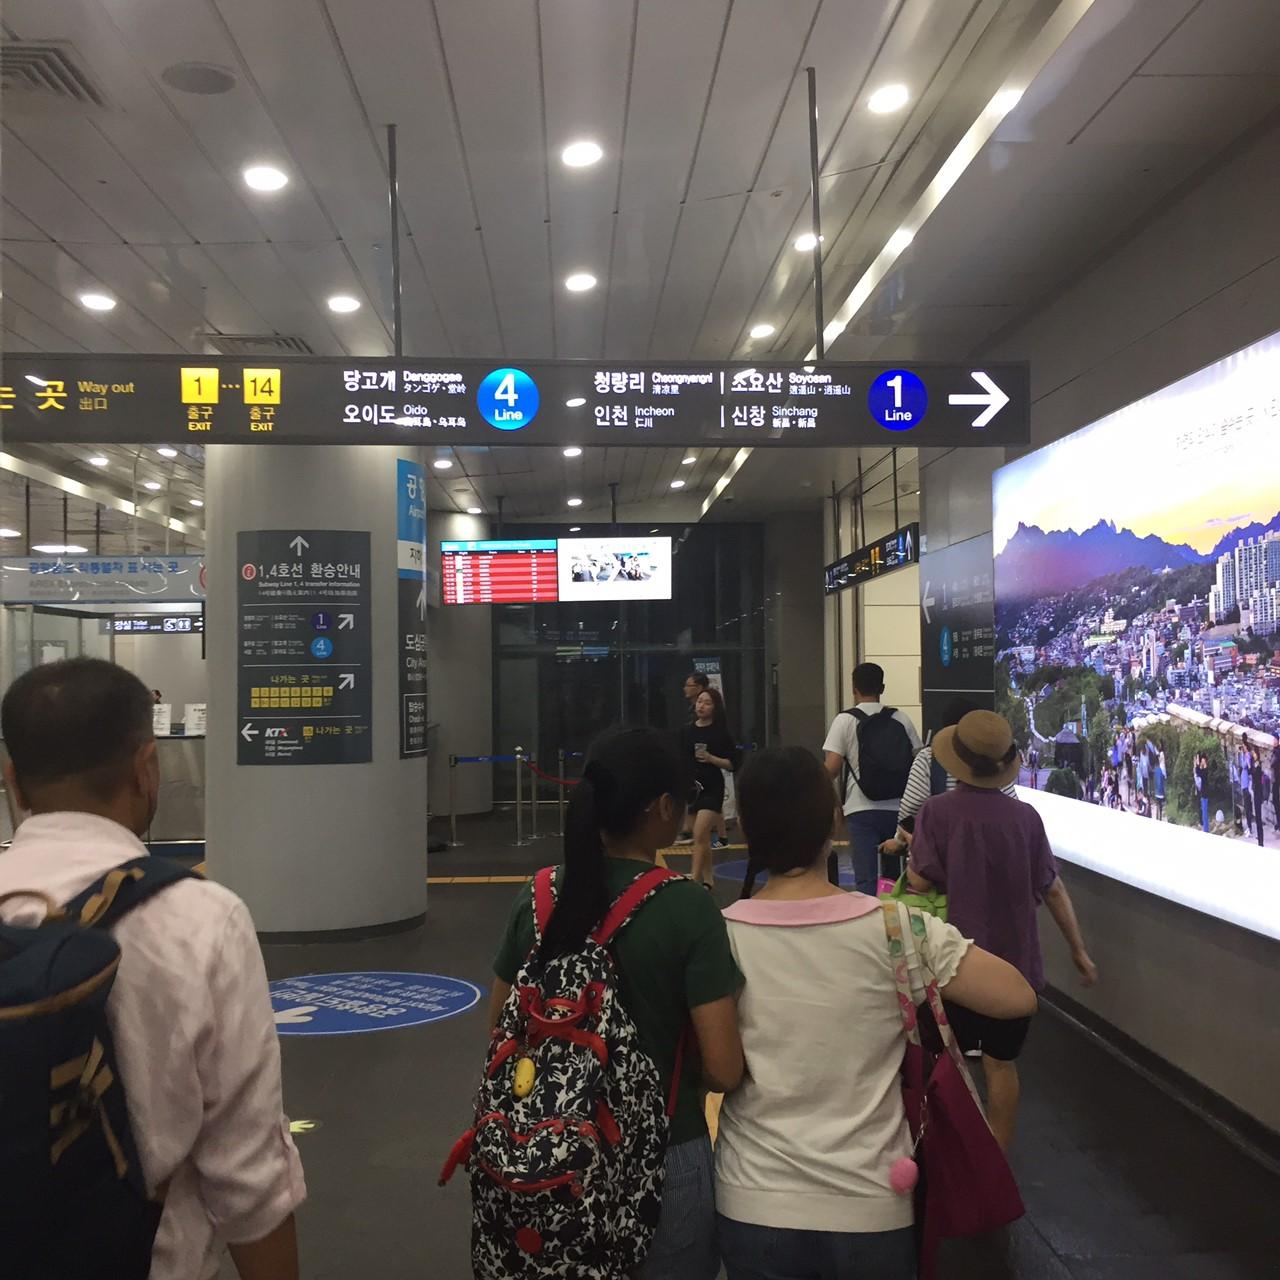 ソウル駅地下3階で地下鉄4番線へ移動2